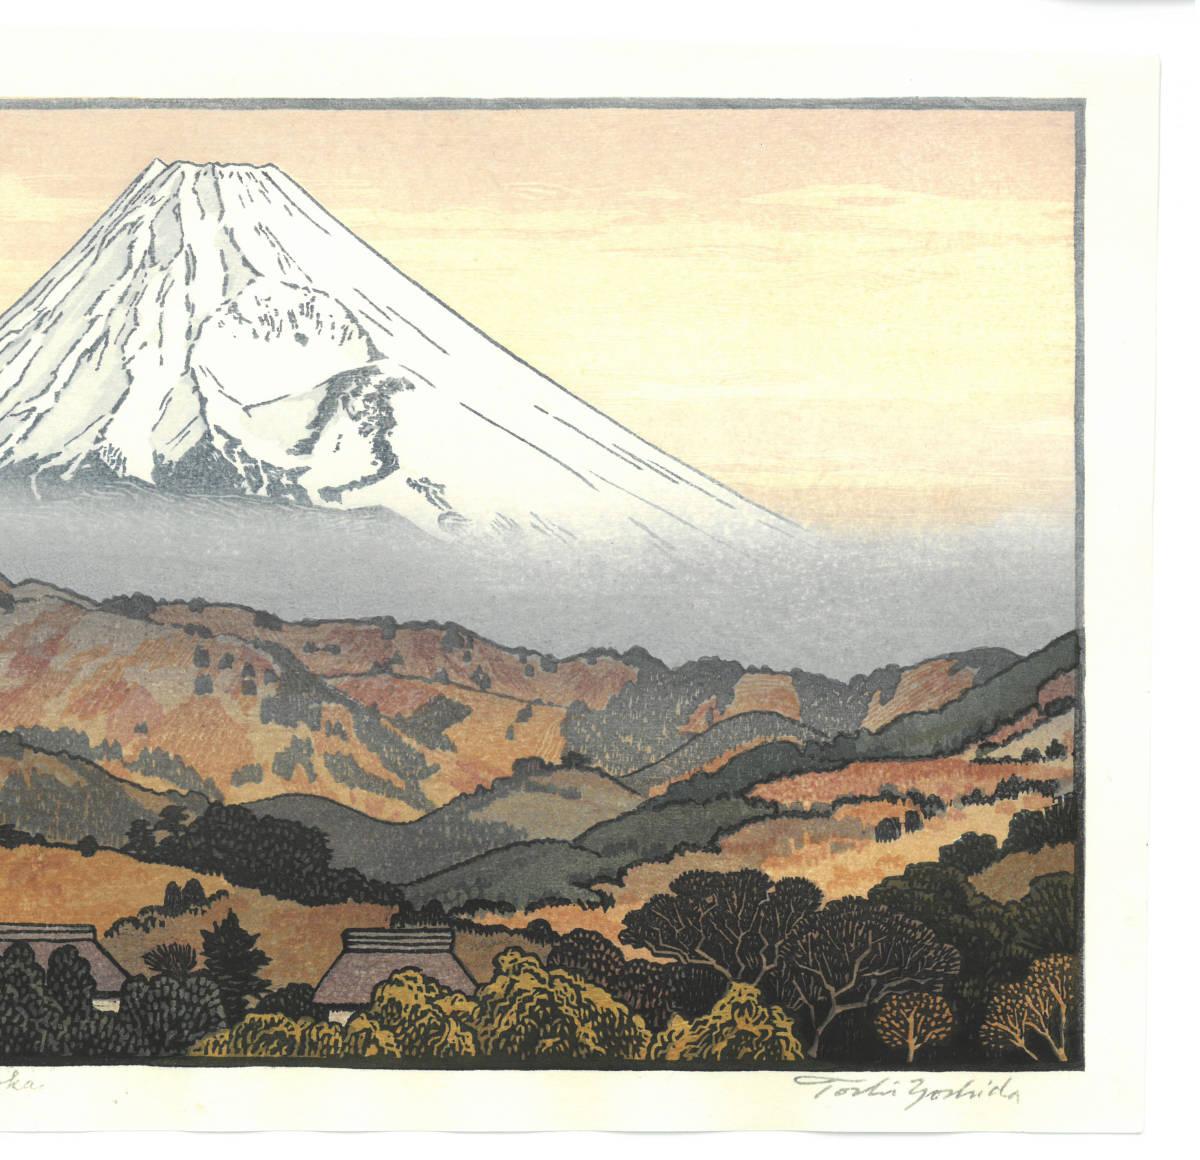 吉田遠志 木版画  016204 伊豆長岡の富士 冬 (Mt.Fuji from Nagaoka winter)  初摺1962年    最高峰の摺師の技をご堪能下さい!!_画像5